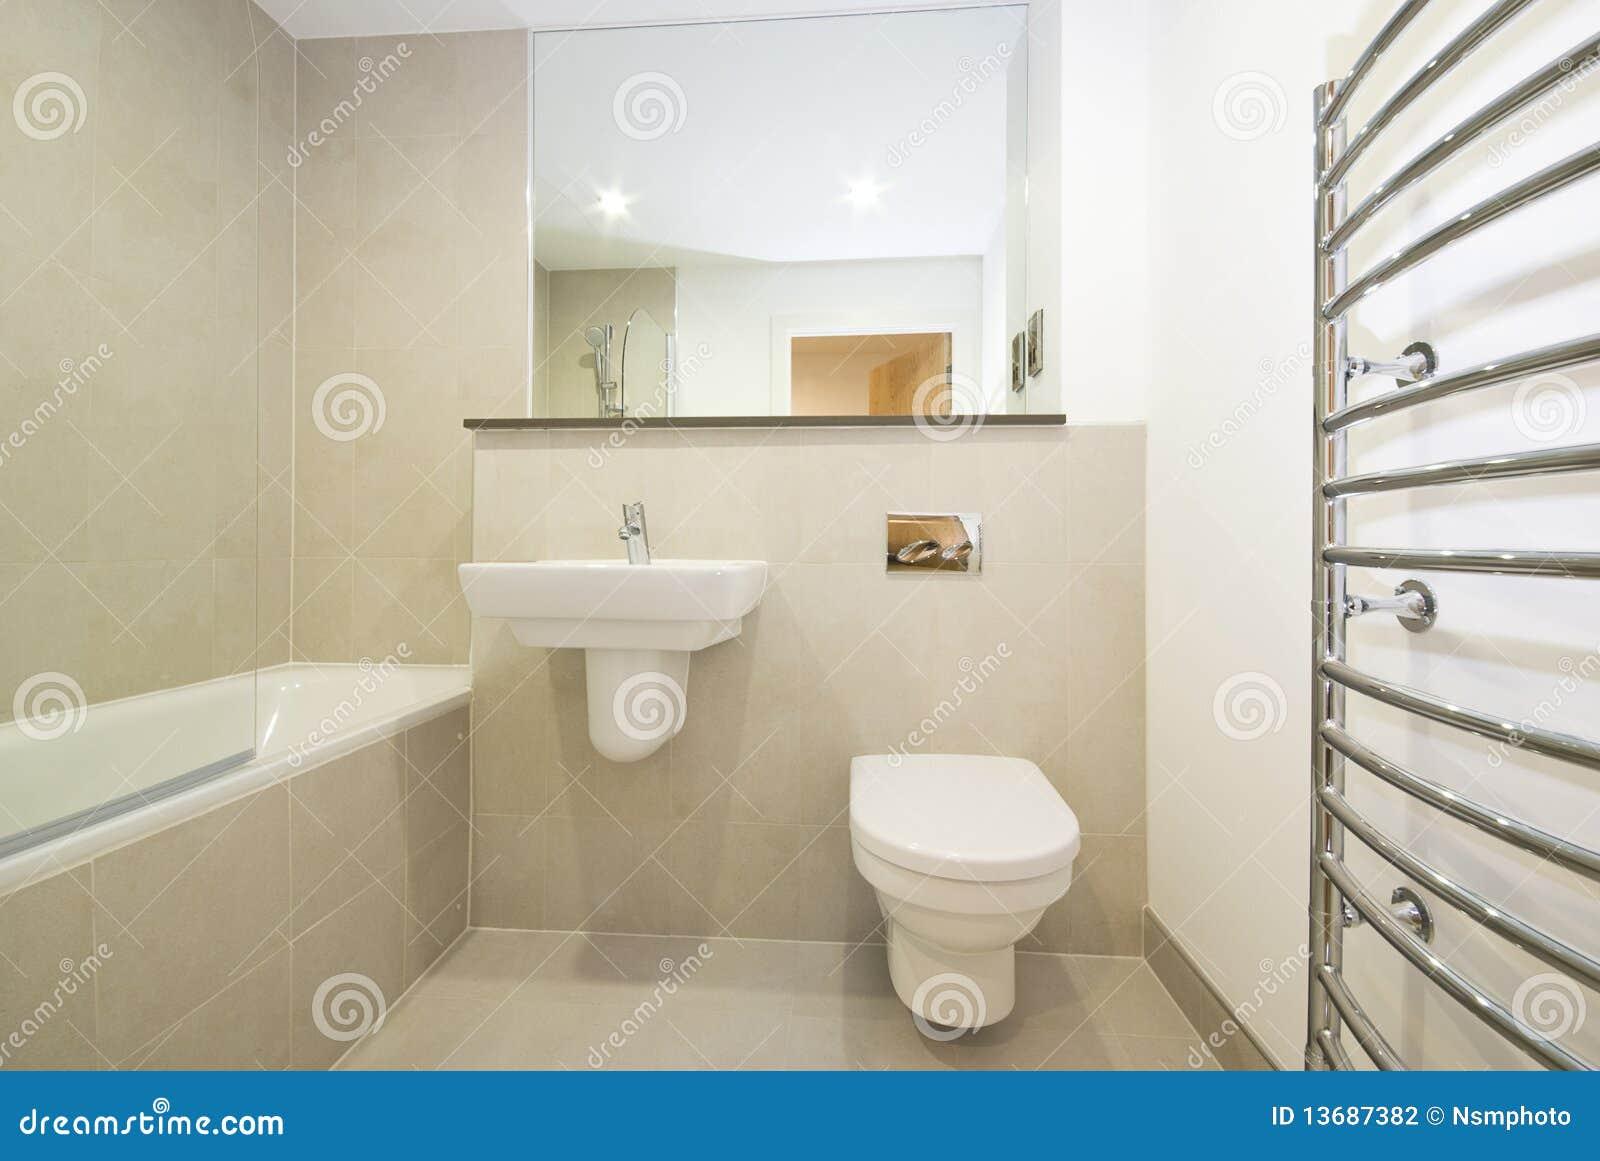 Banheiro En suie Moderno No Bege Fotografia de Stock Imagem  #85A823 1300x960 Banheiro Bege Fotos